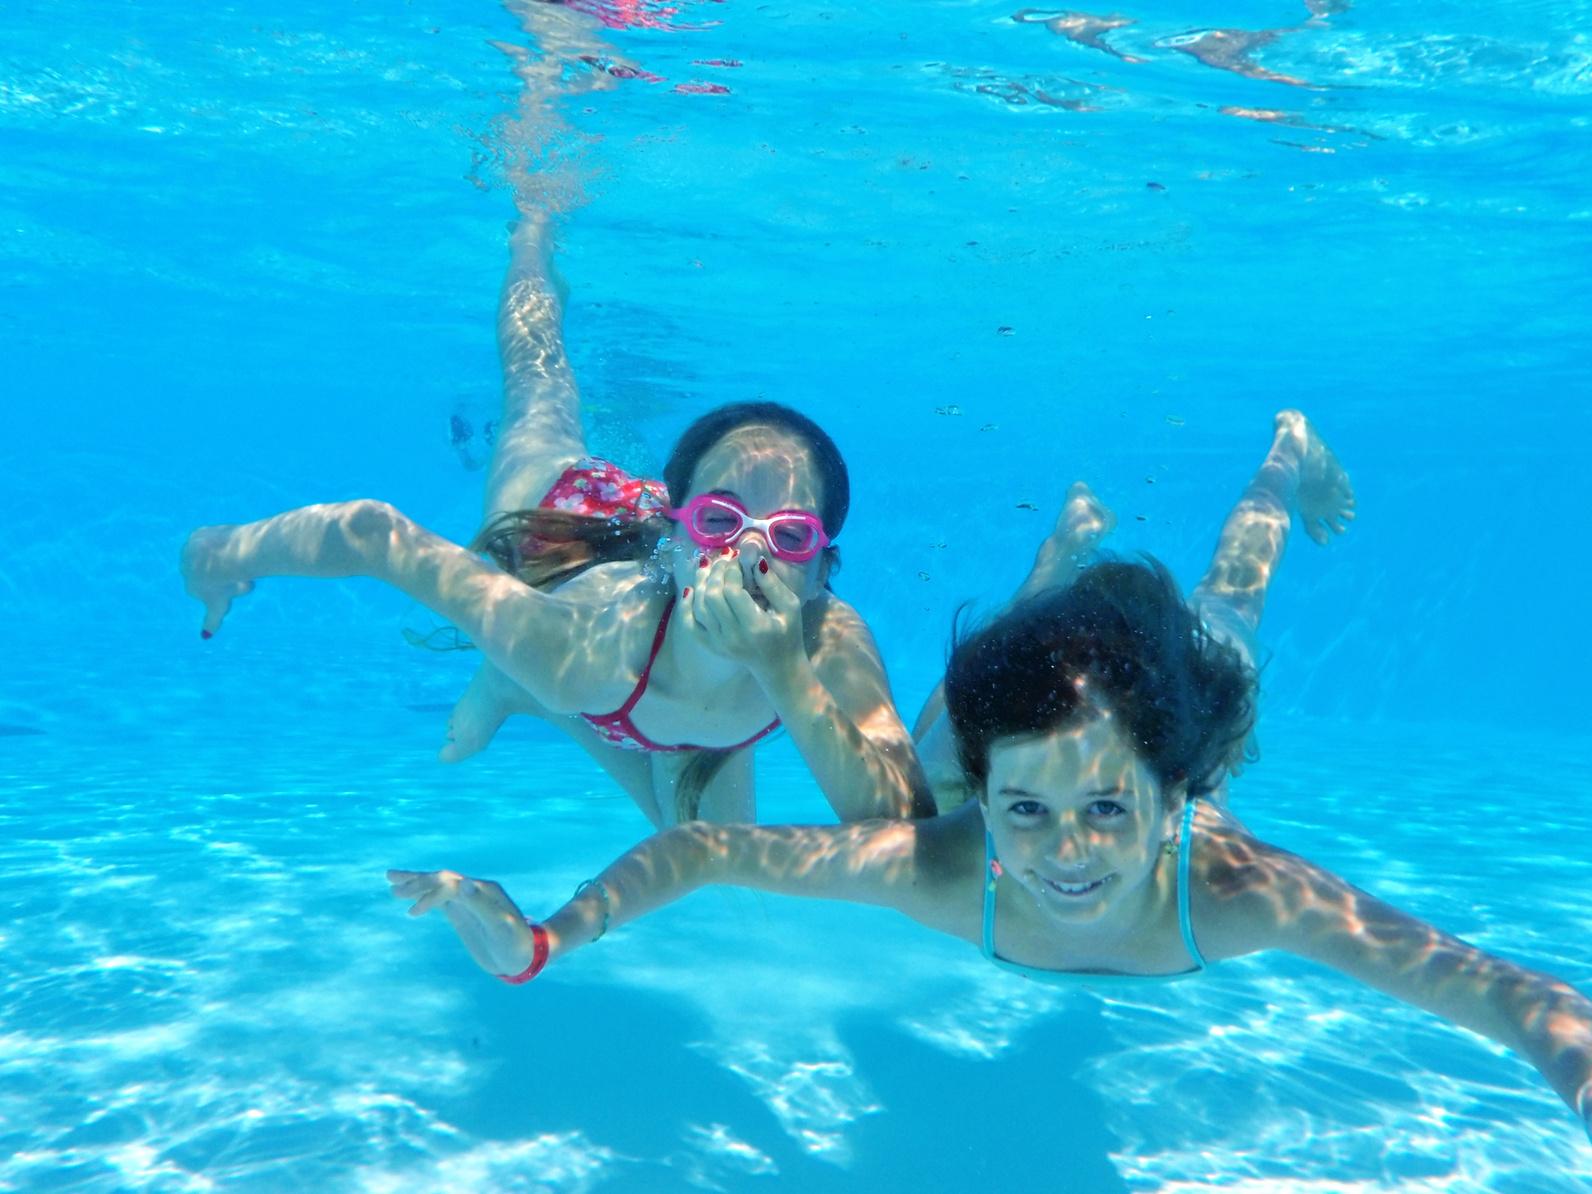 Enfant nage sous l'eau dans une piscine